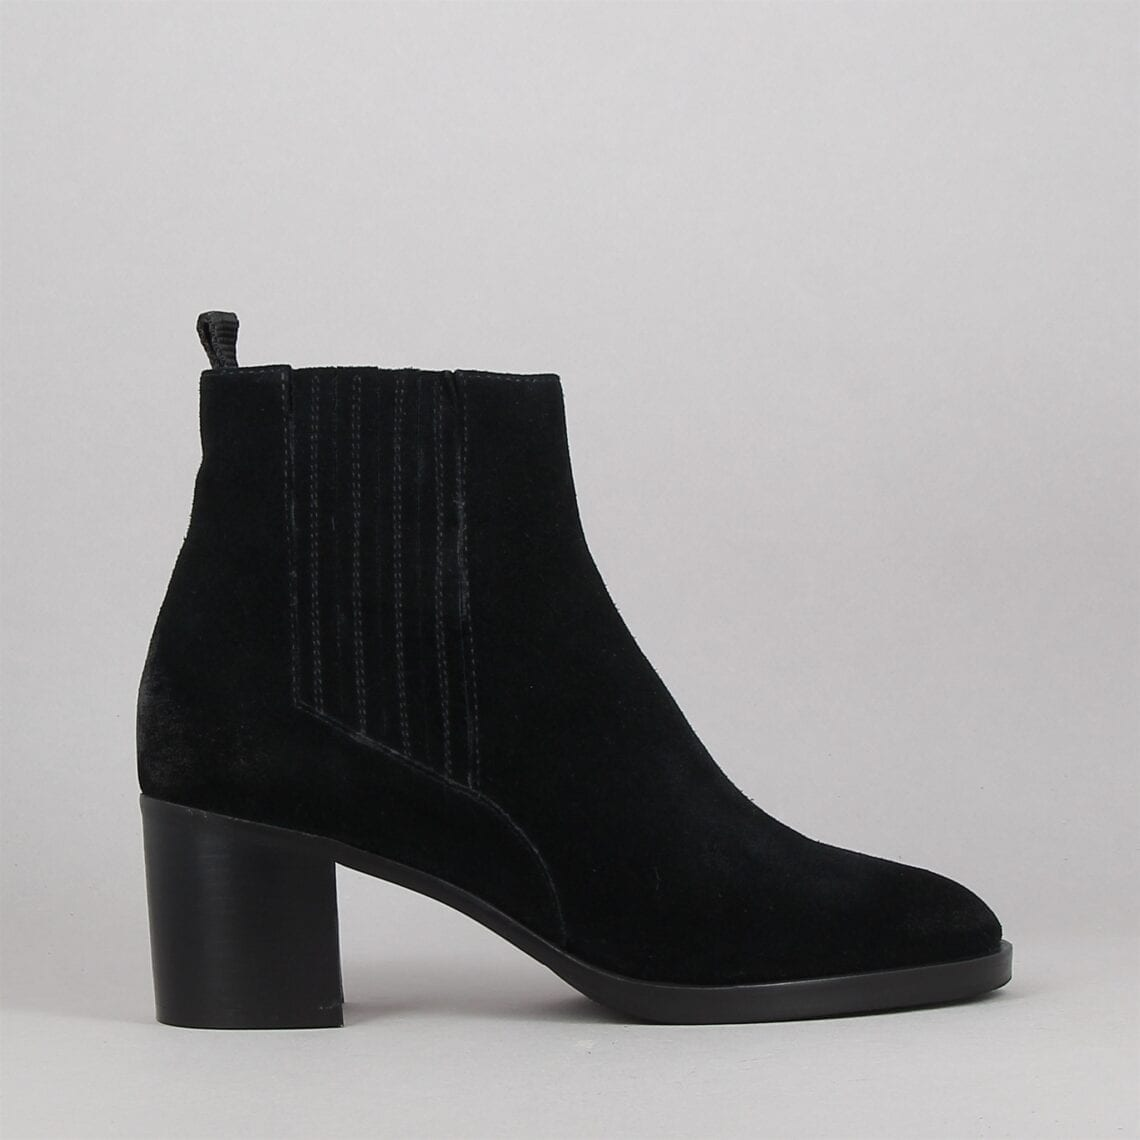 2503x-noir-183533570-0.jpg